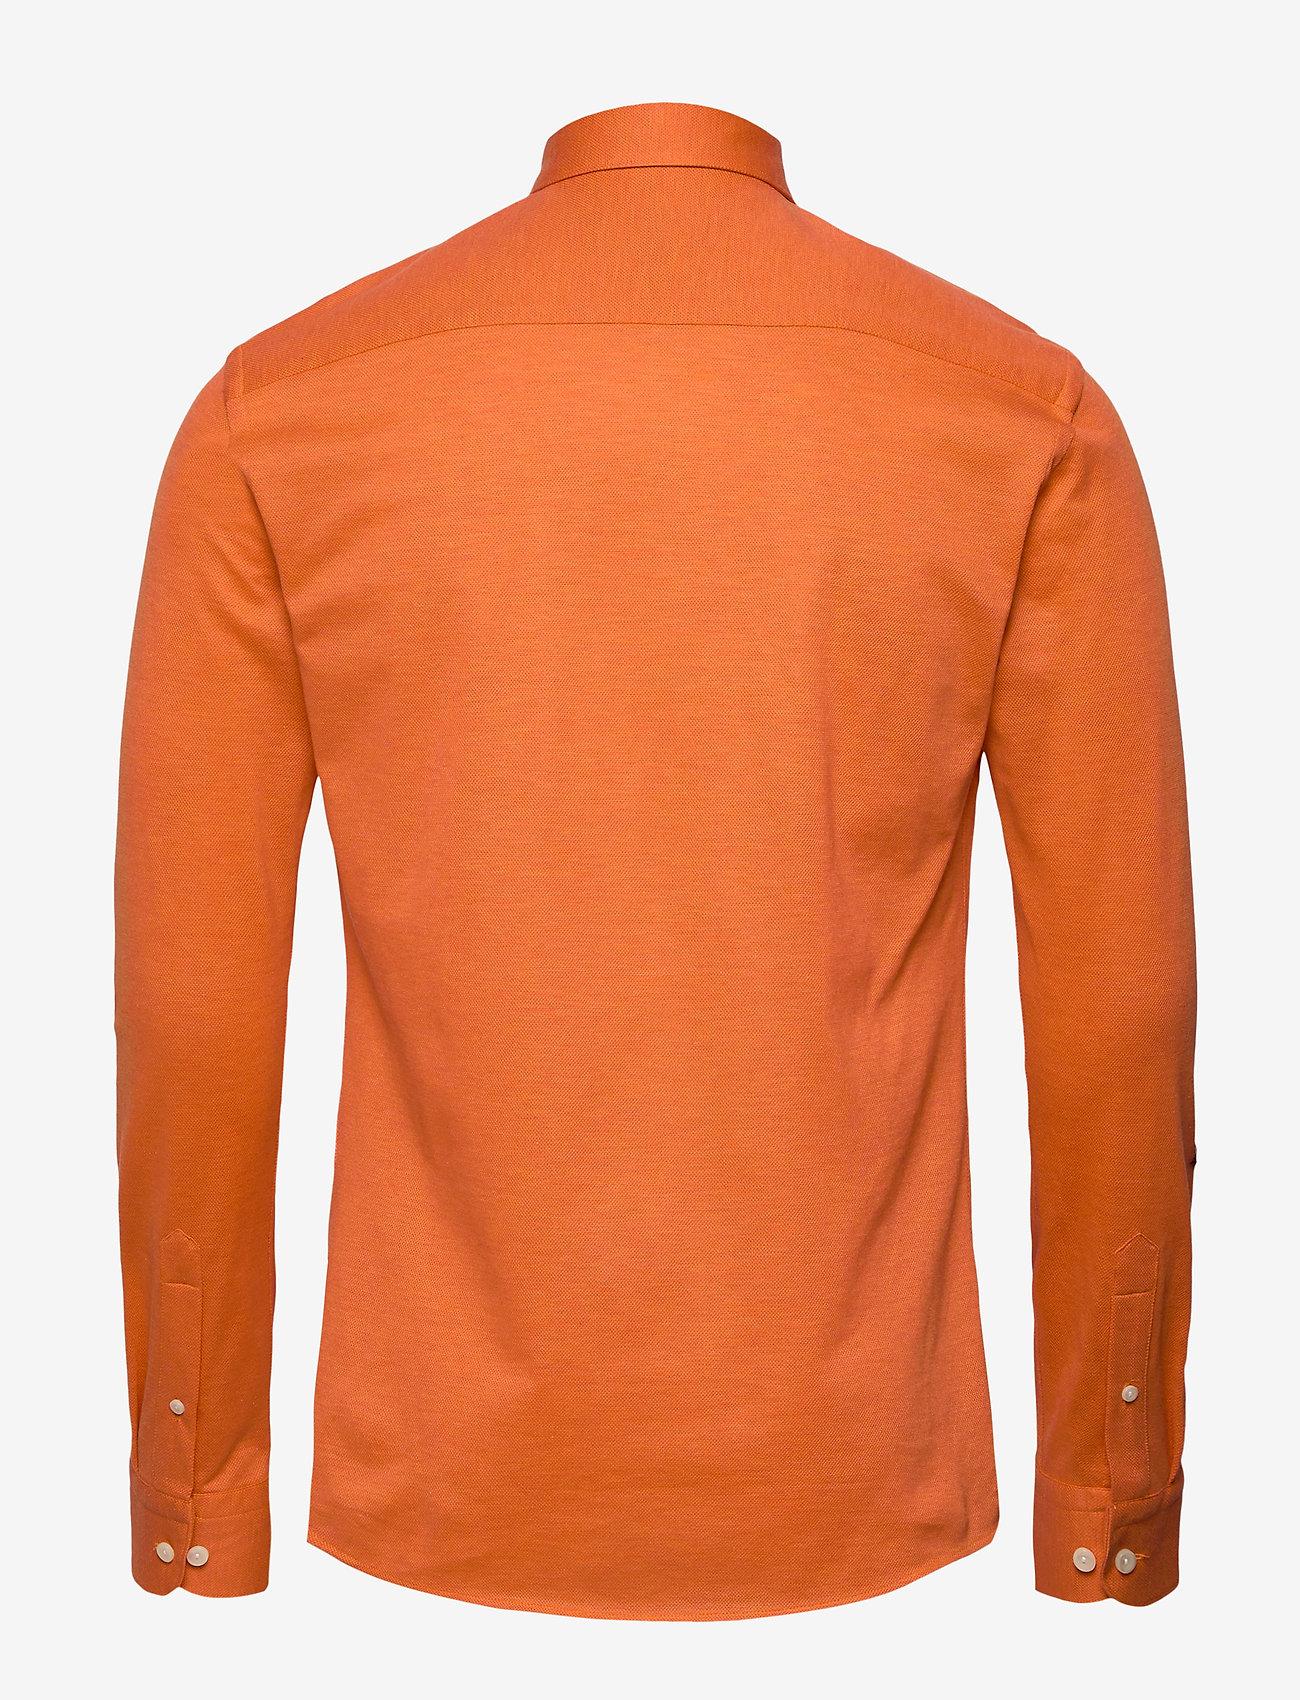 Eton Polo shirt - long sleeved - Skjorter YELLOW/ORANGE - Menn Klær